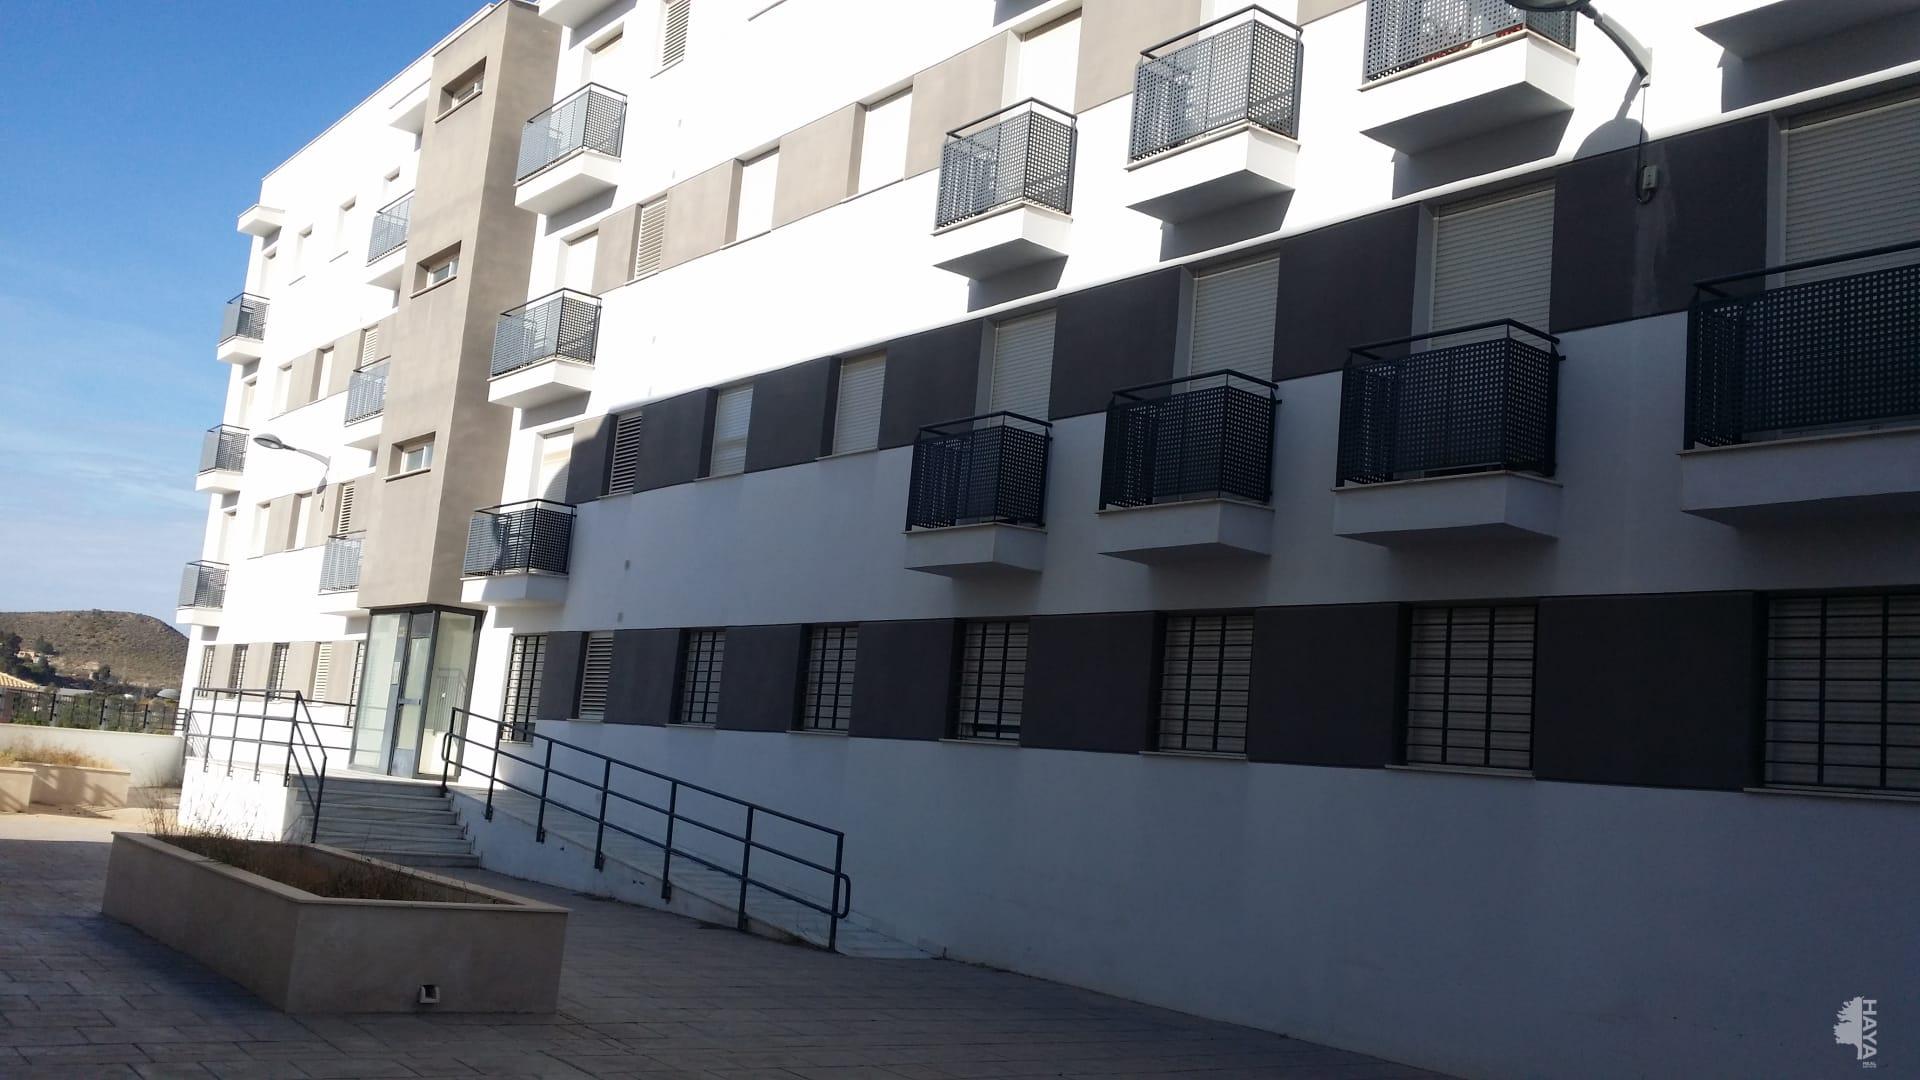 Piso en venta en Olula del Río, Almería, Calle Alta, 74.400 €, 3 habitaciones, 1 baño, 98 m2